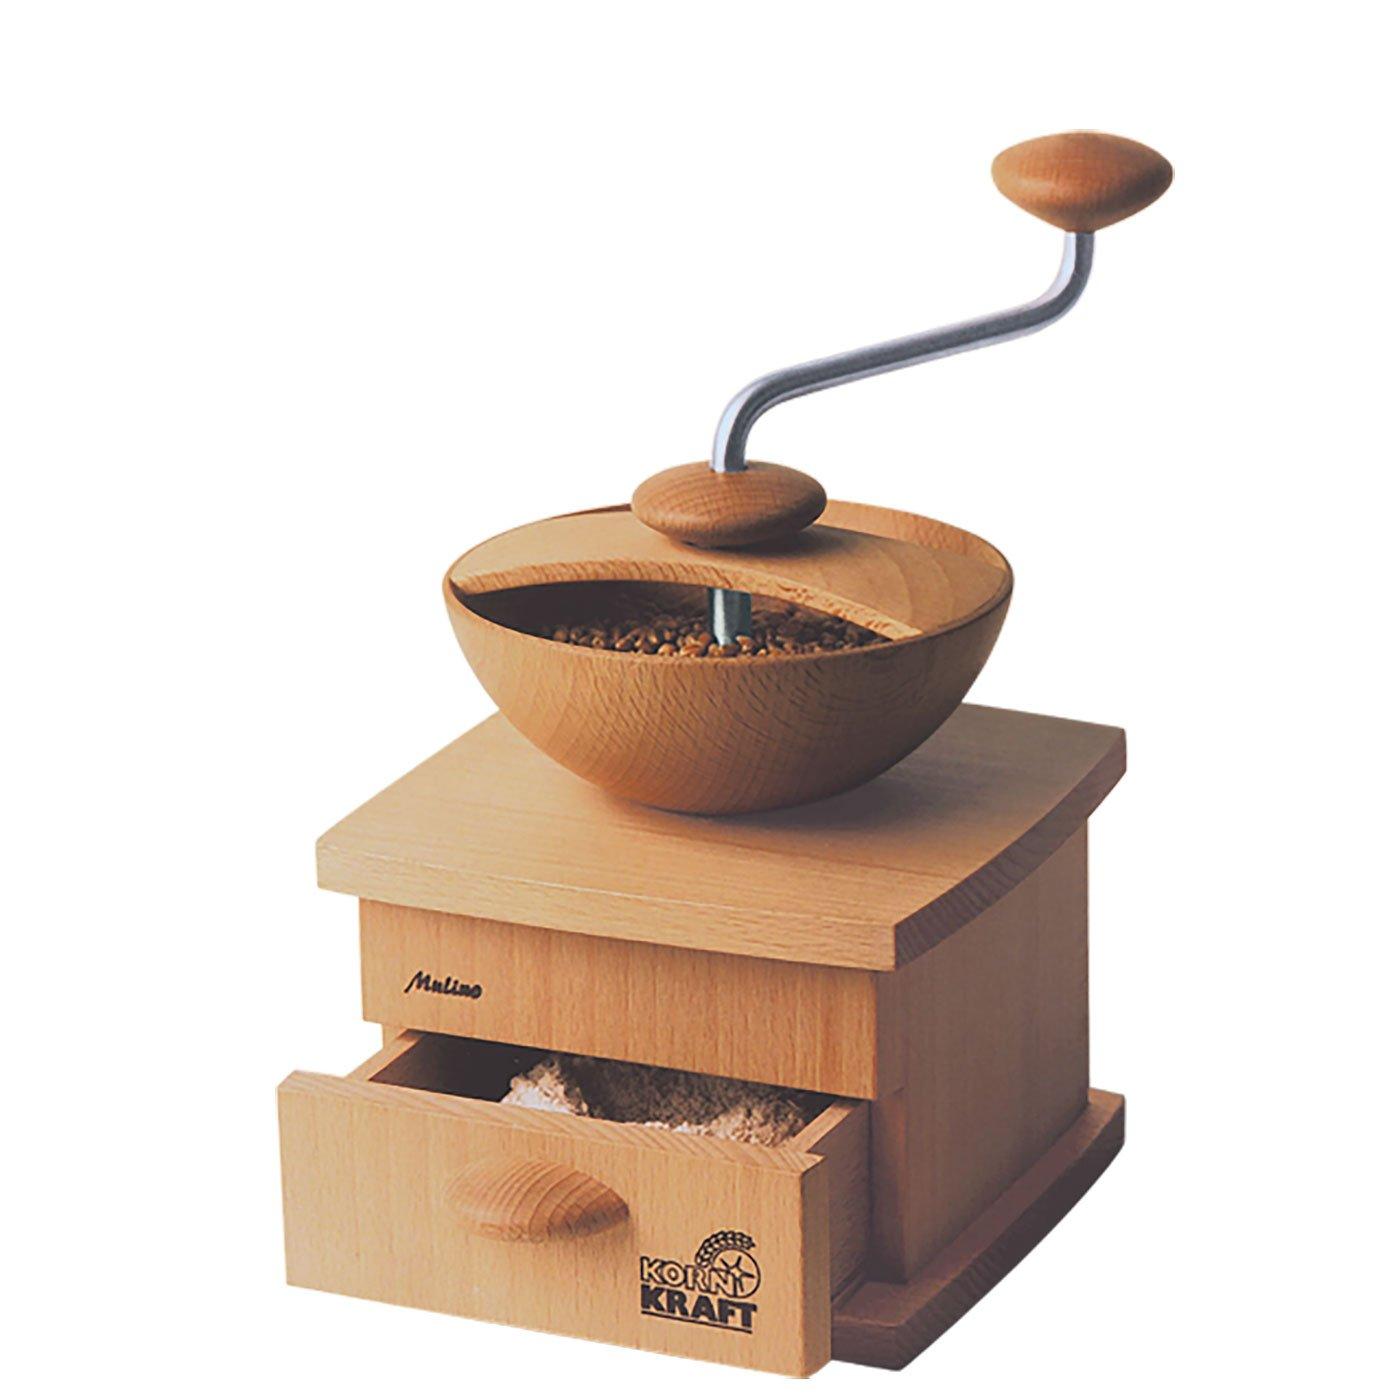 Kornkraft Mulino Grain Handmill